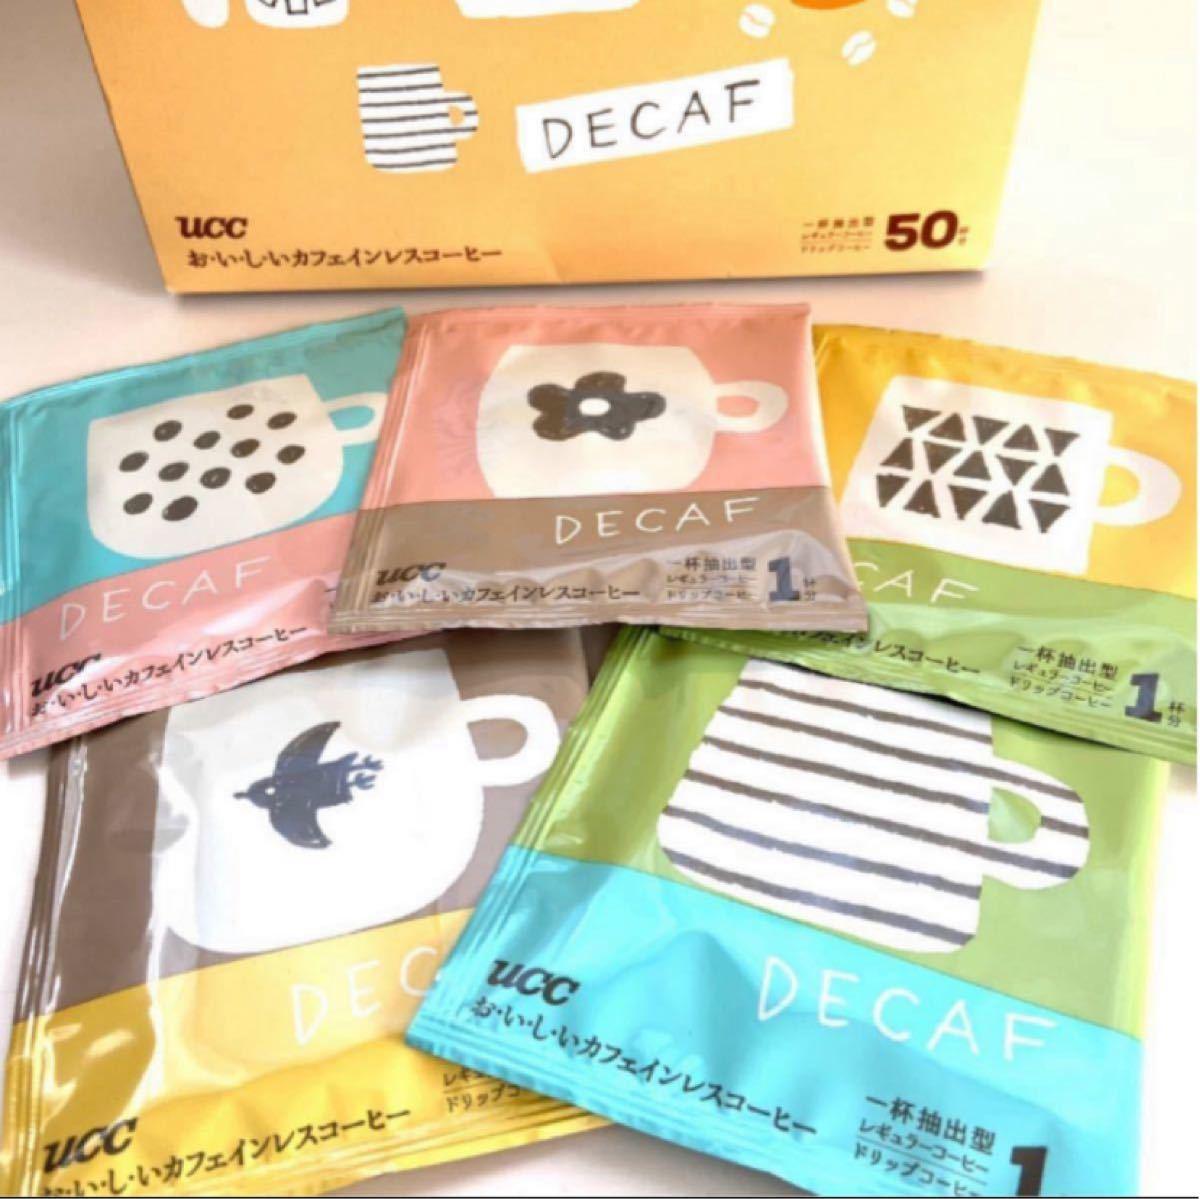 UCC おいしいカフェインレス ドリップコーヒー デカフェ 25袋セット